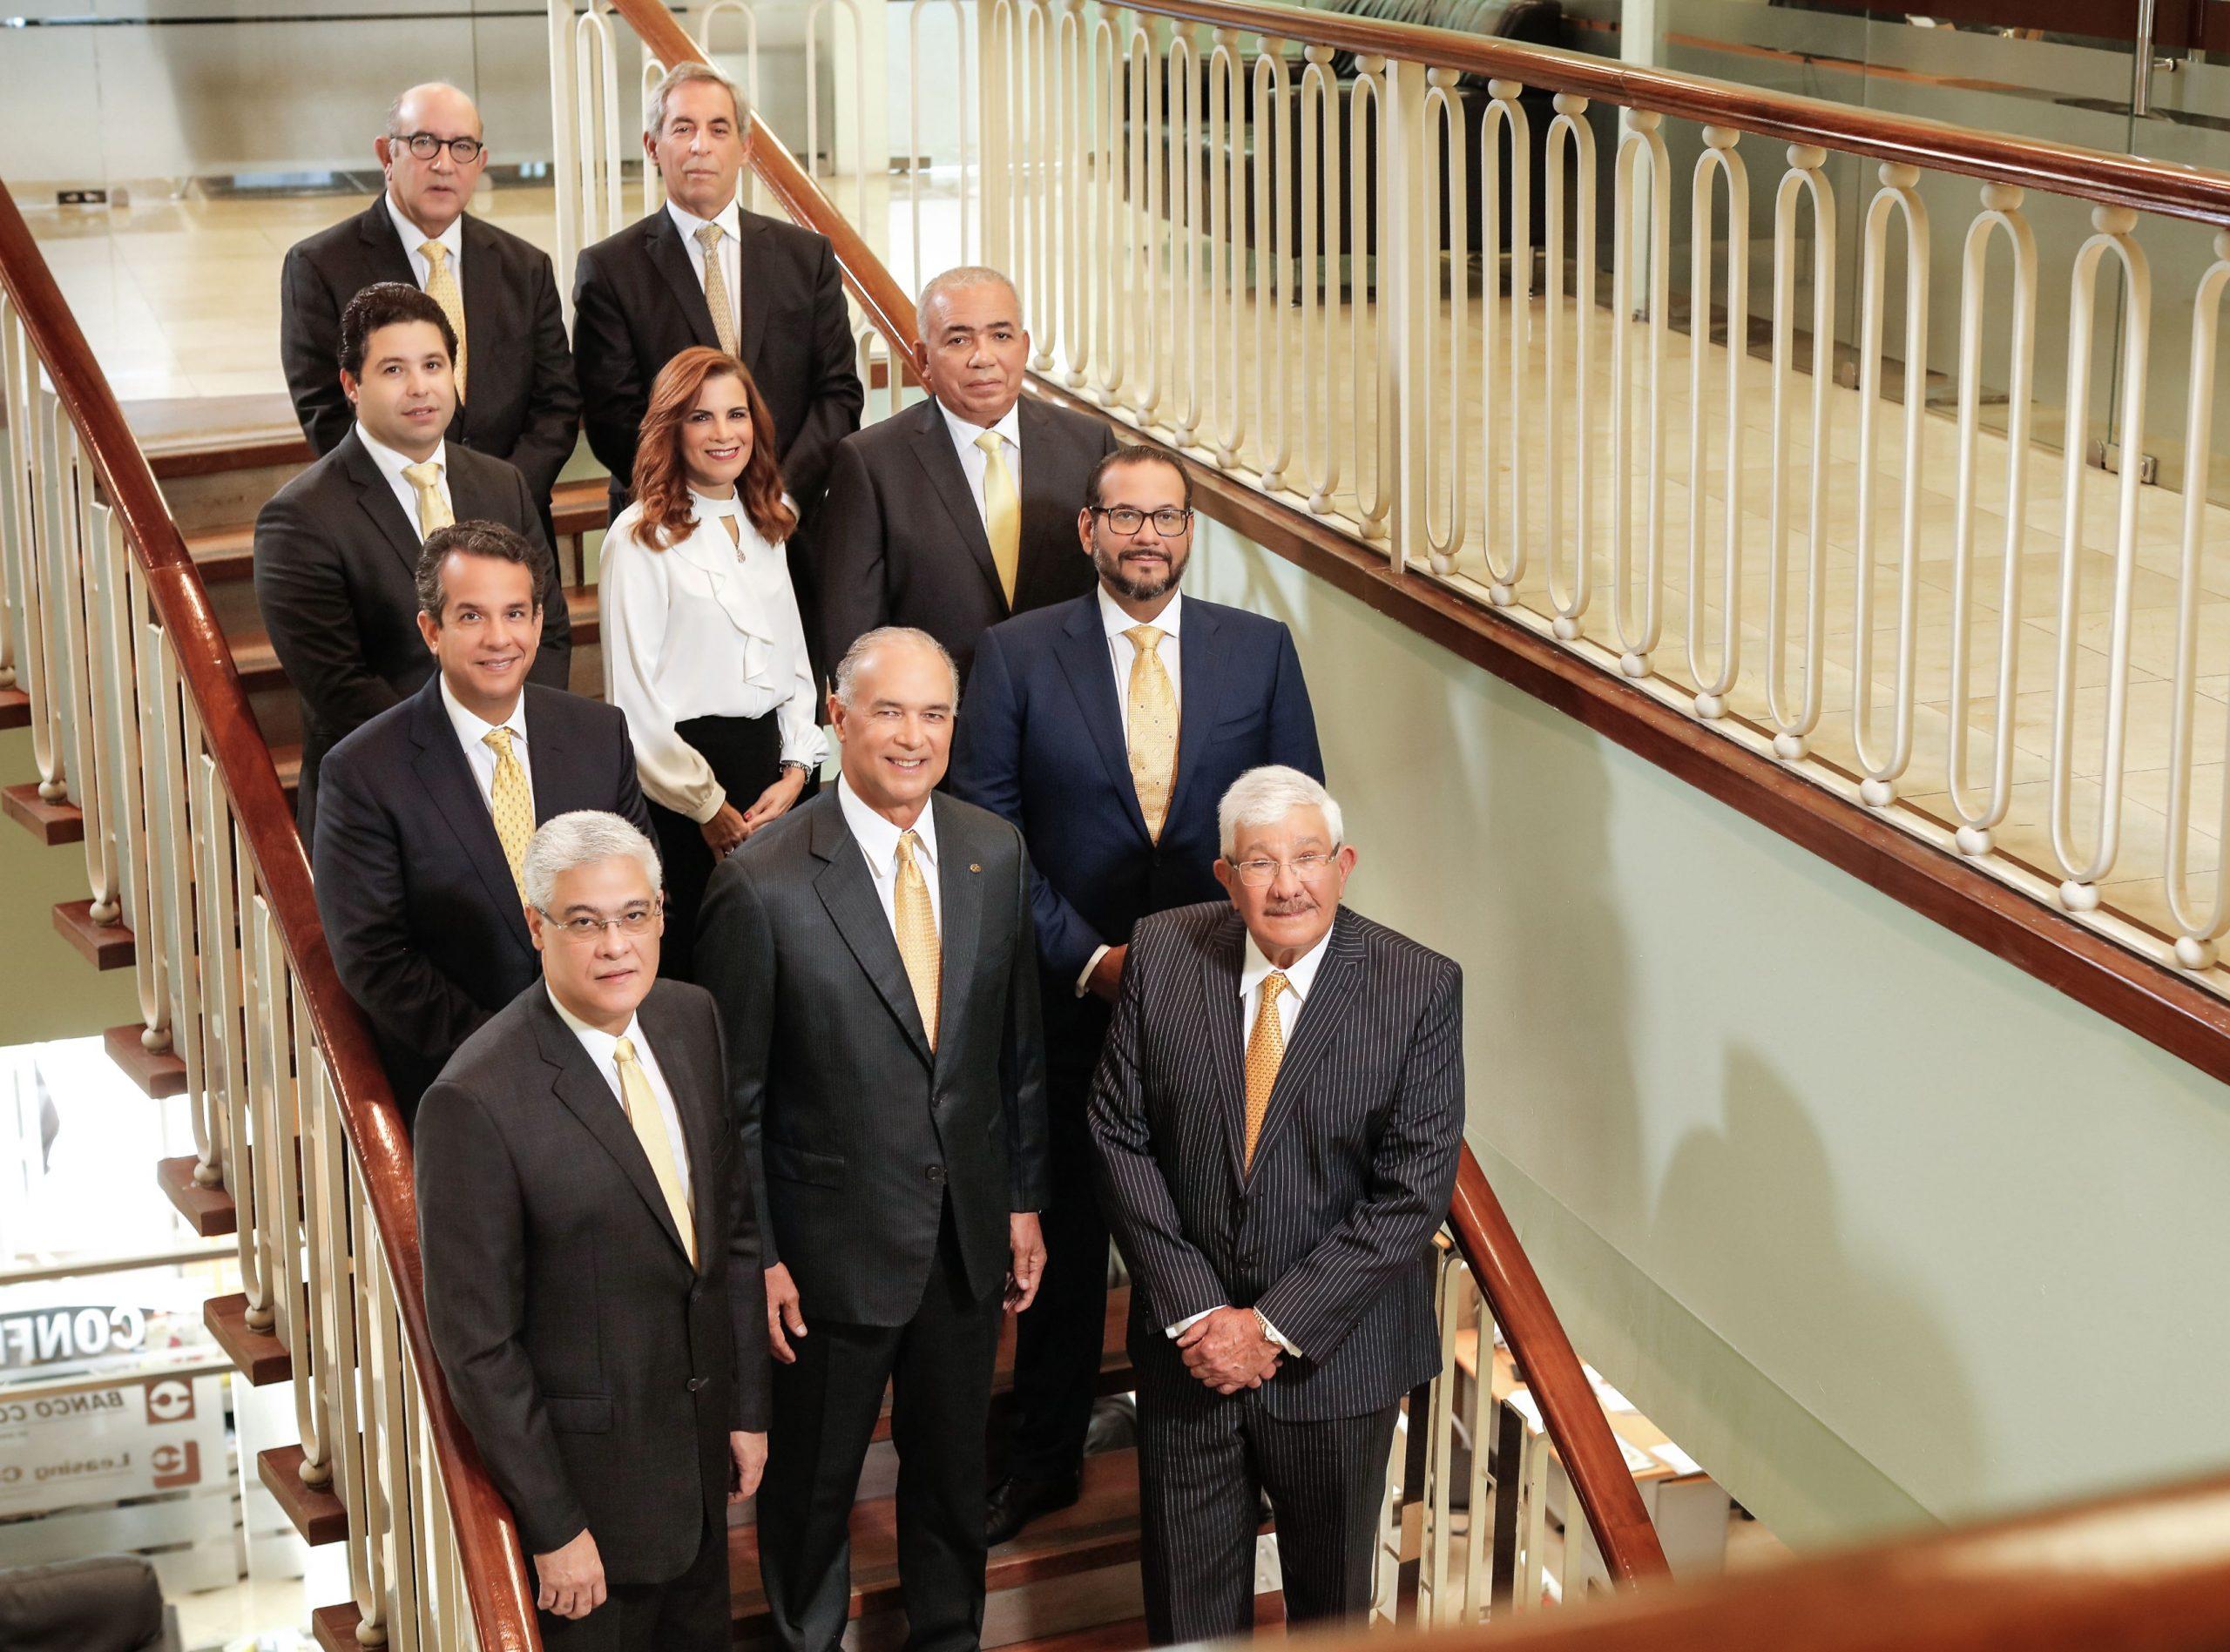 maireni bournigal, presidente de banco confisa junto al consejo de directores, vicepresidente ejecutivo y asesores de la entidad.